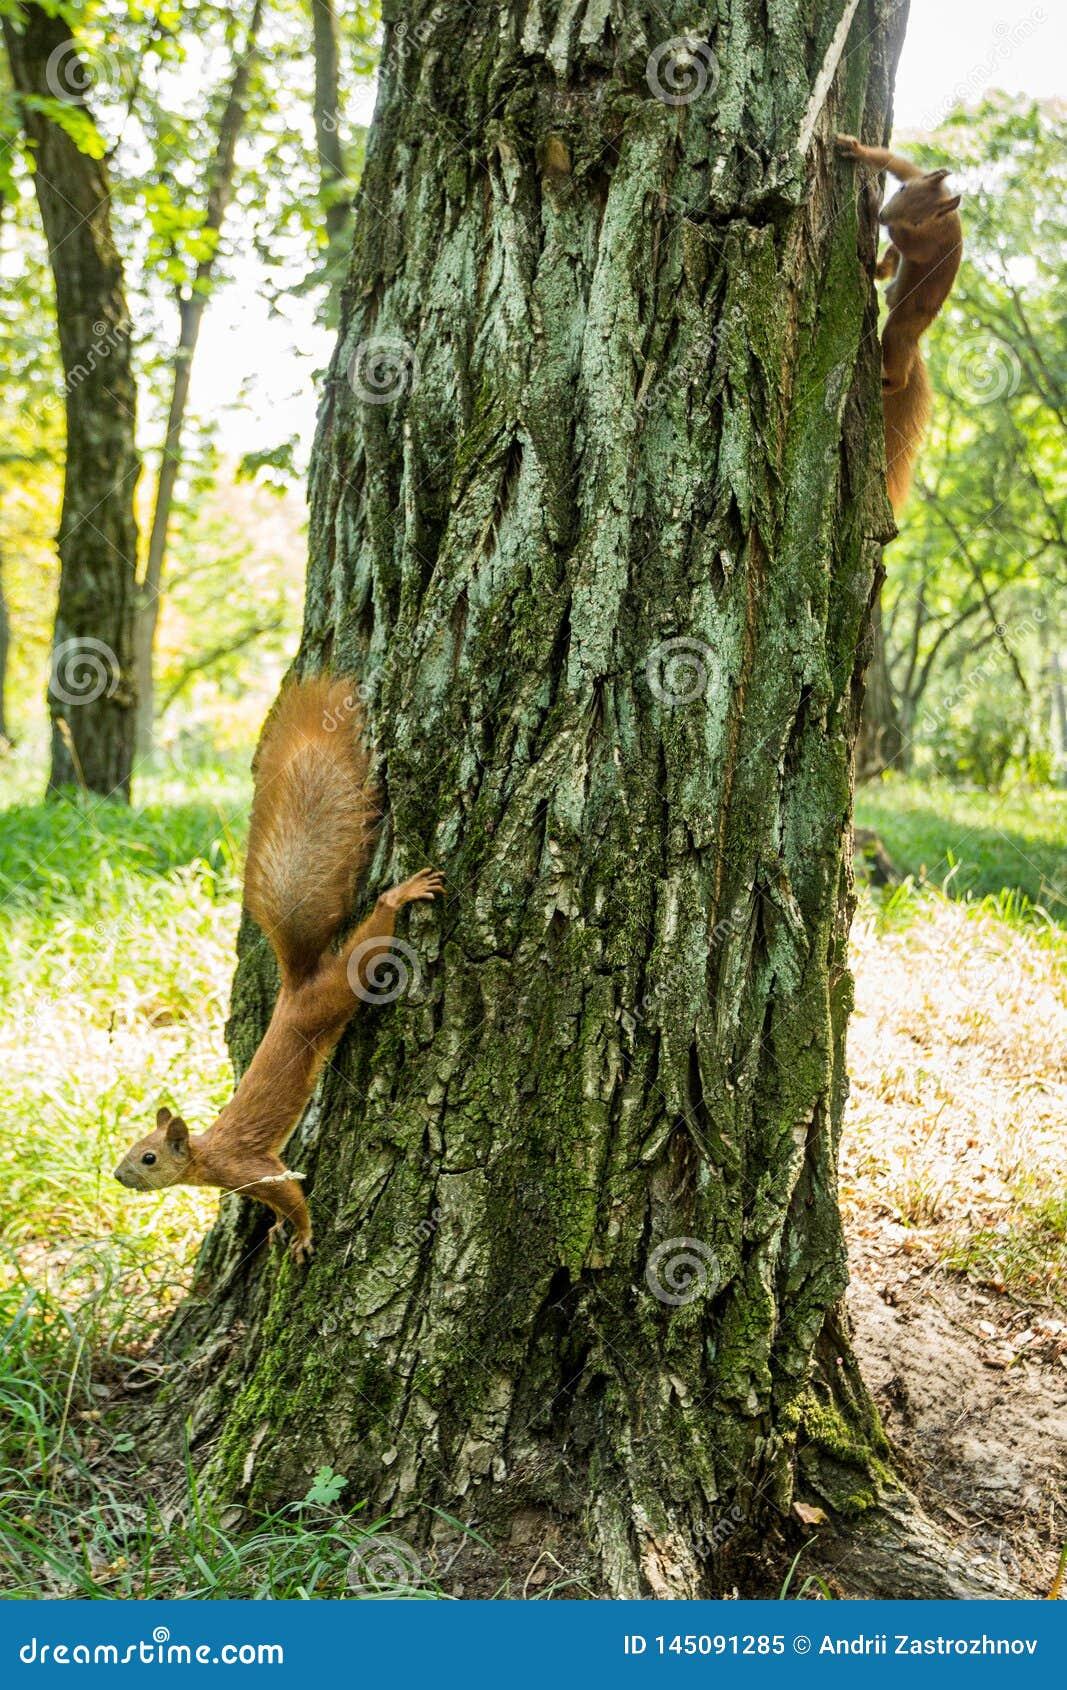 Δύο άγριοι κοκκινομάλλεις σκίουροι σε ένα δέντρο σε ένα δάσος